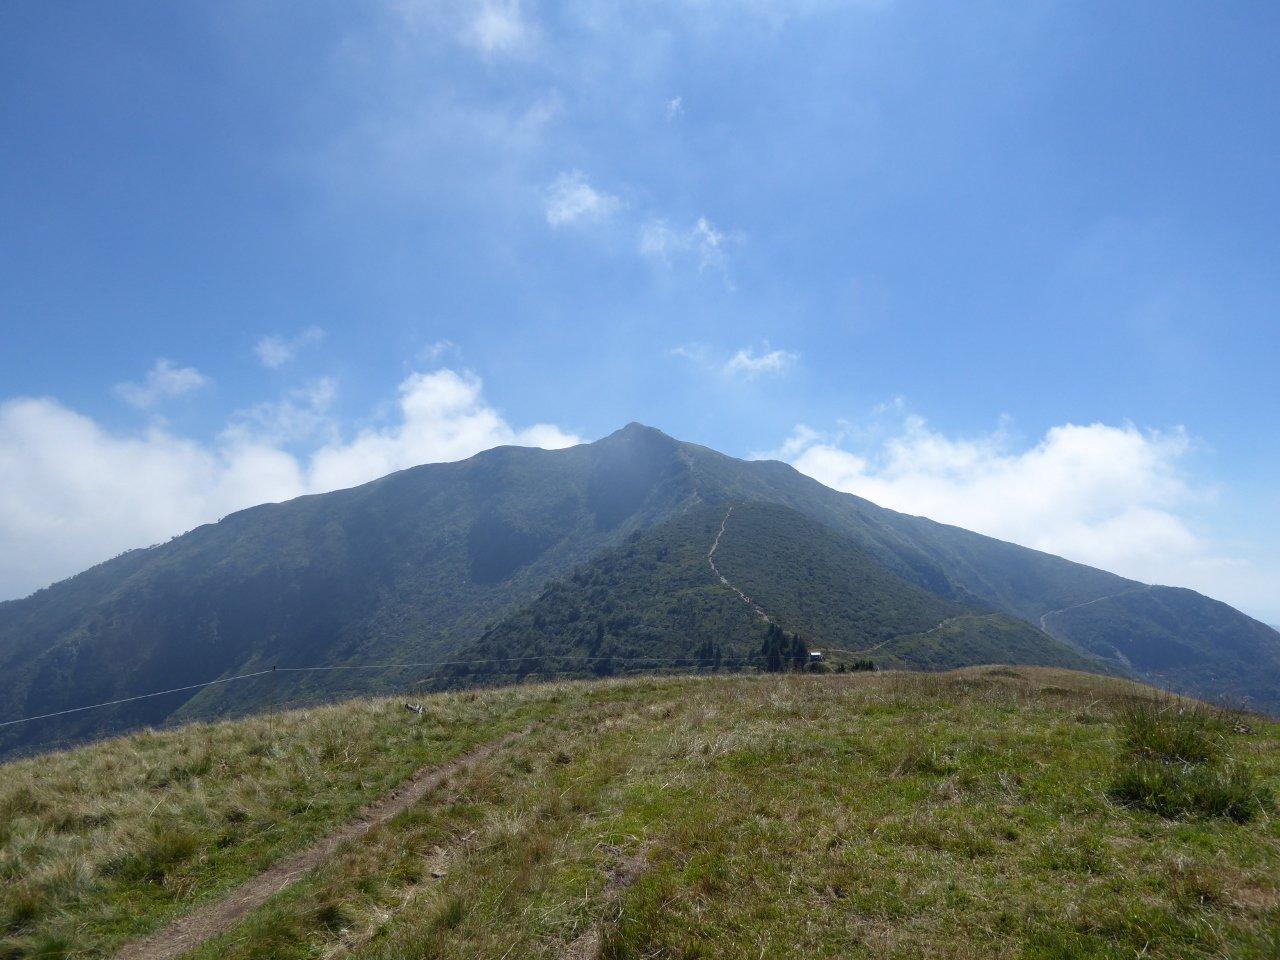 monte Gradiccioli (lato nord) fotografato in discesa lungo il percorso verso il monte Tamaro